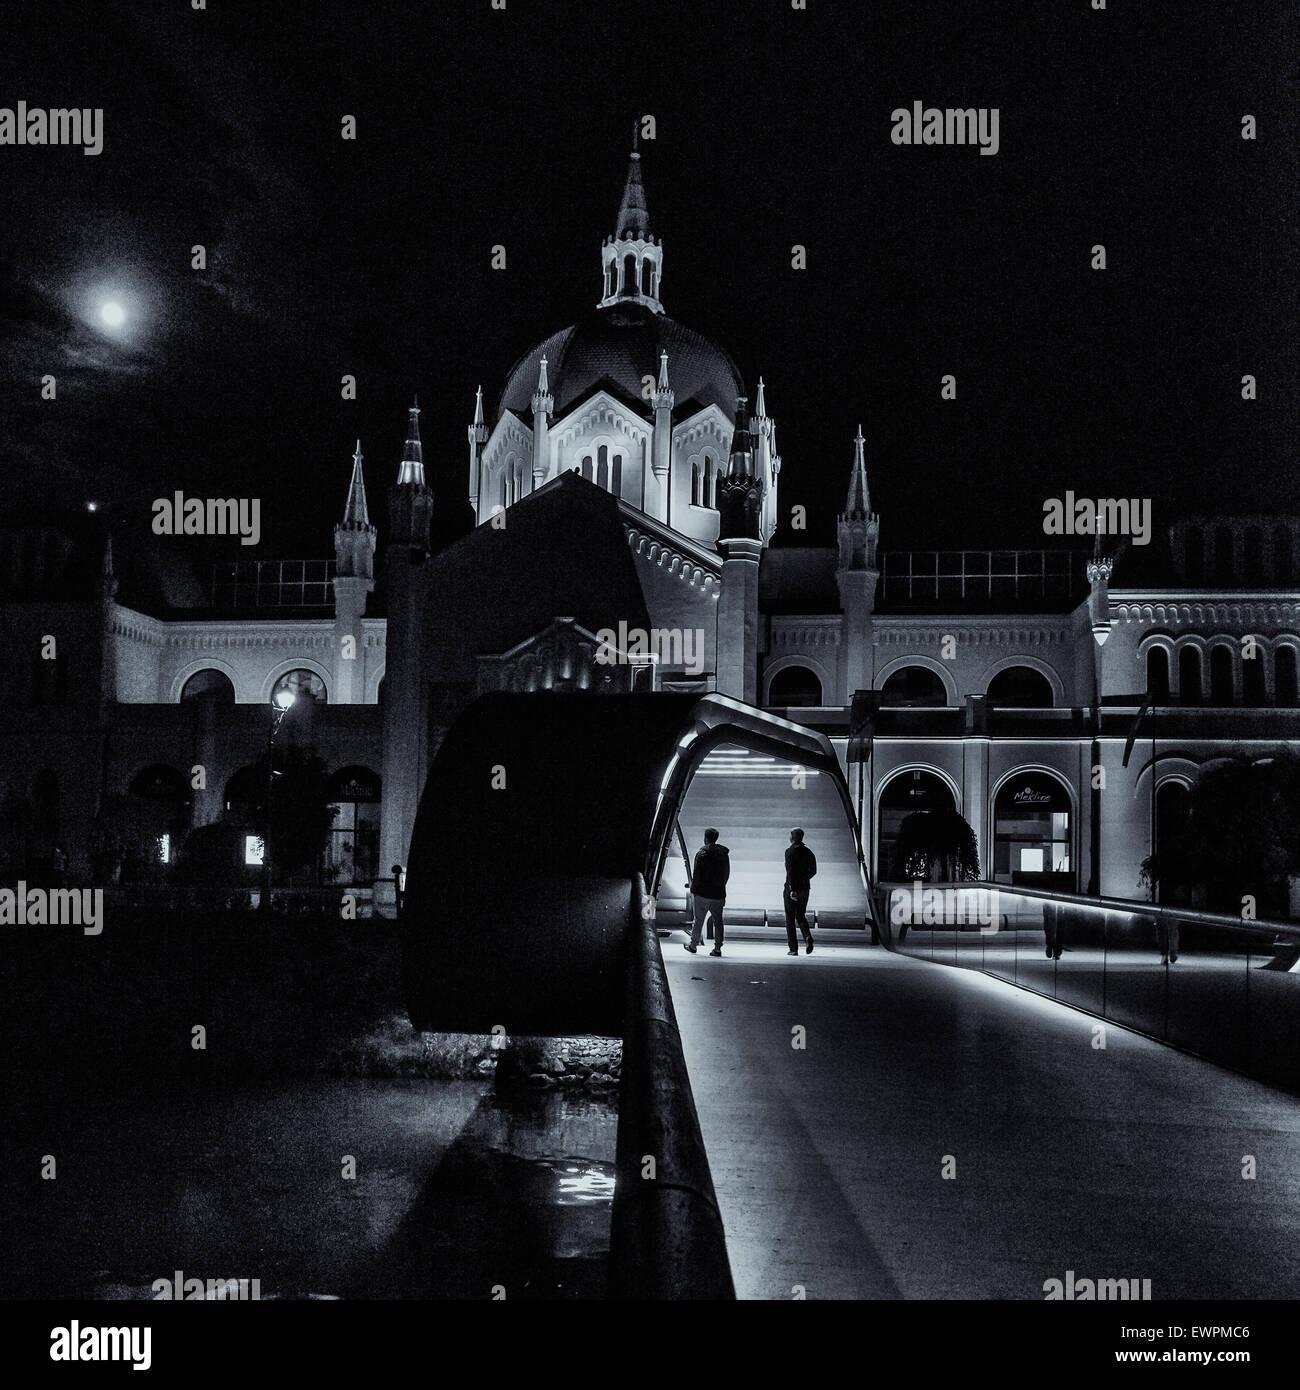 El edificio de la academia de arte con 'festina lente' Puente en Sarajevo por la noche Imagen De Stock